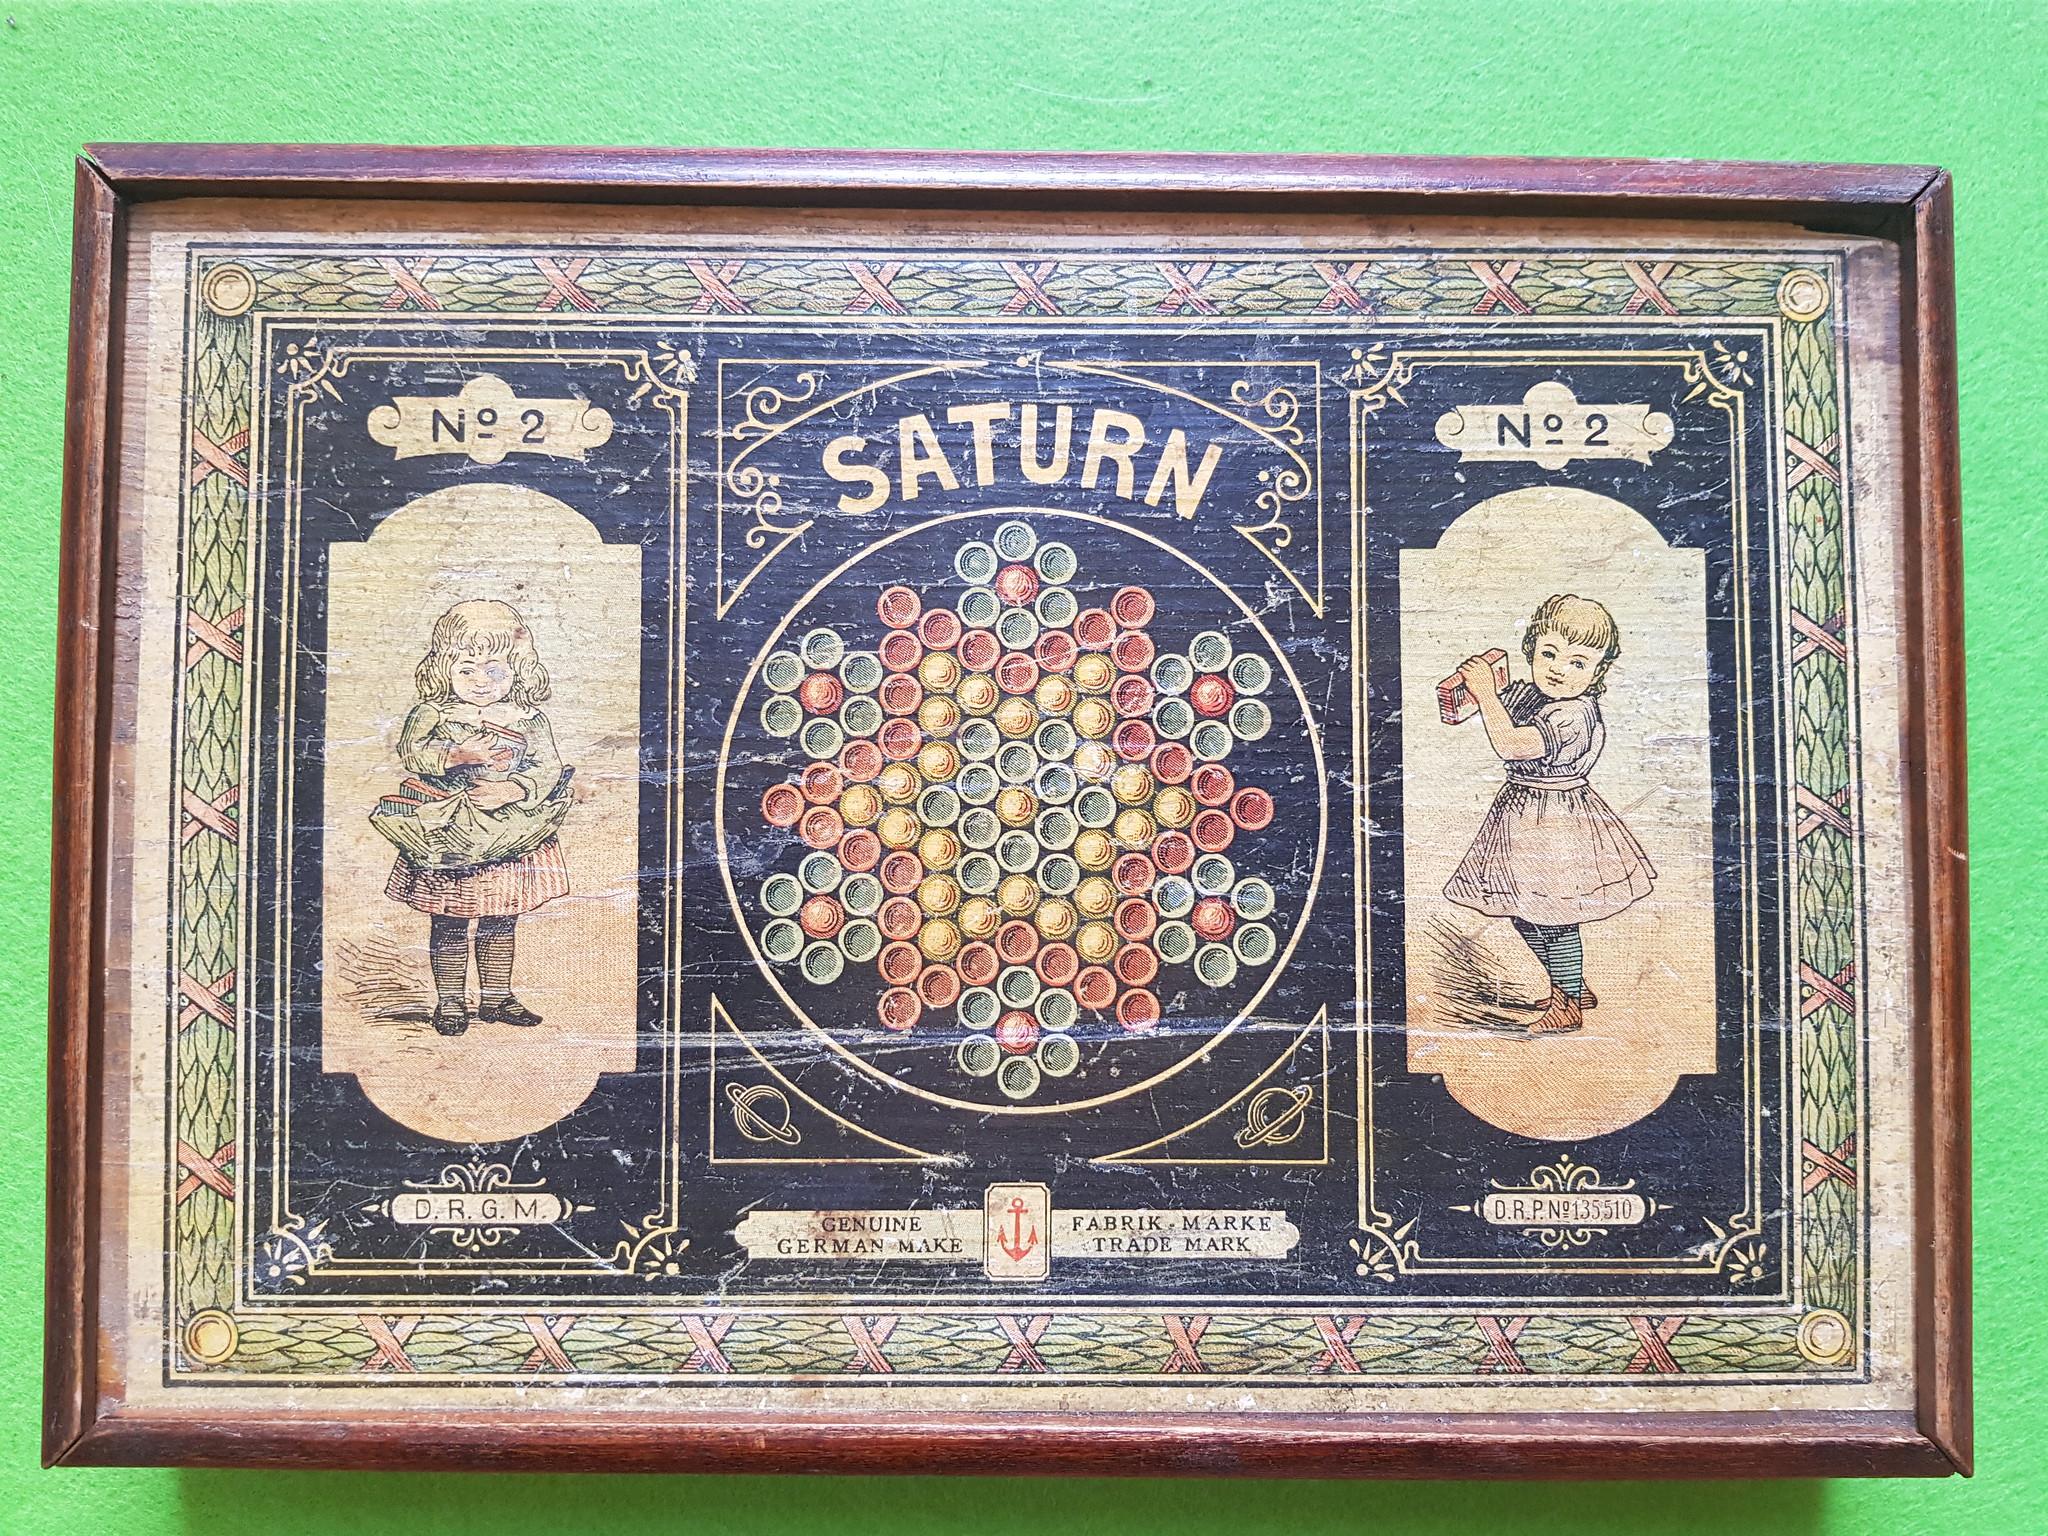 F. Ad. Richter - Anker Baukasten Saturn No. 2